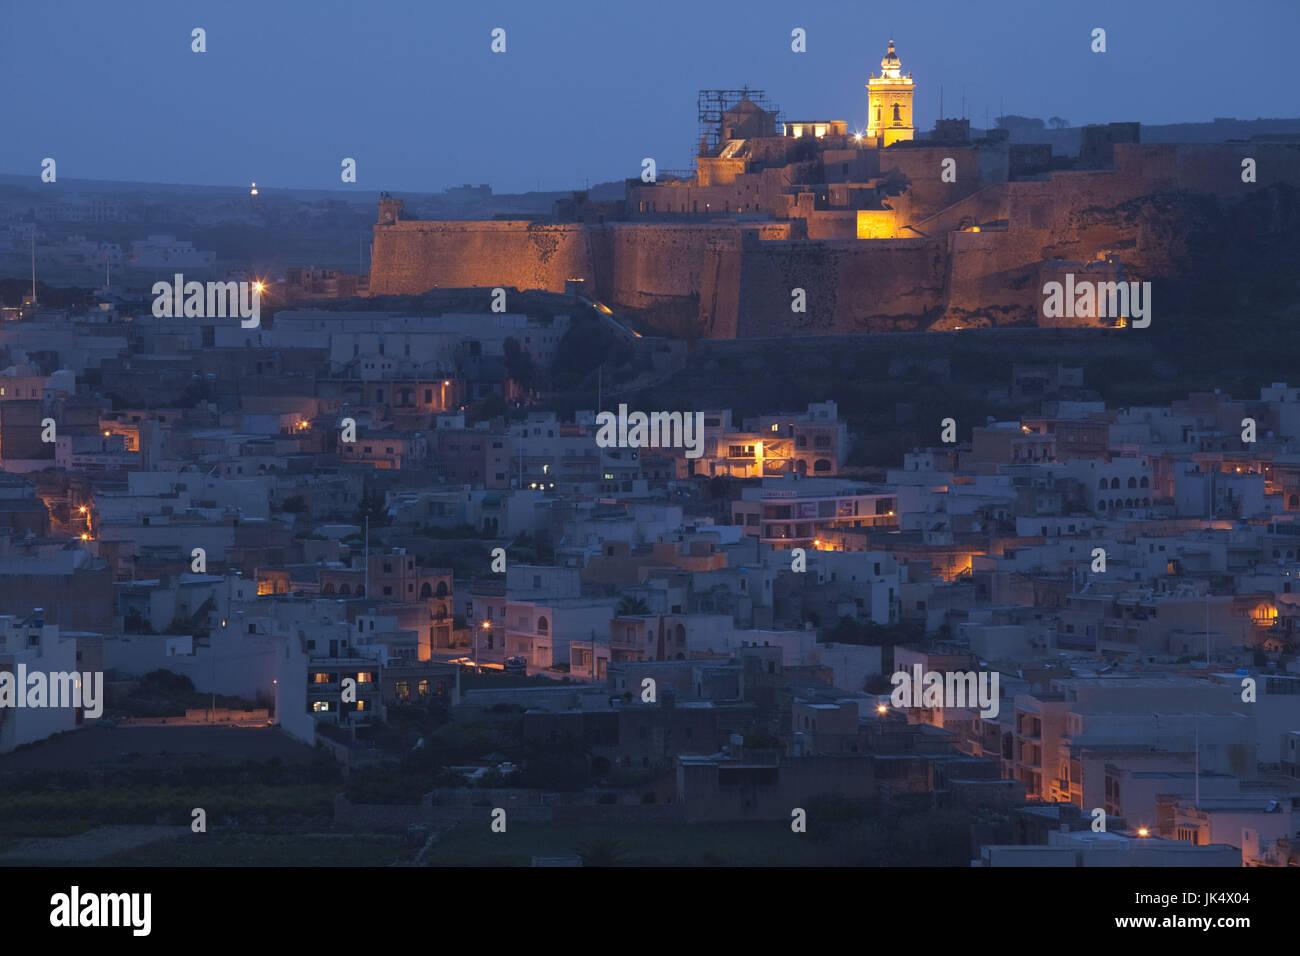 La isla de Malta, Gozo, Victoria-Rabat, elevó la vista de la ciudad y fortaleza Il-Kastell, crepúsculo Imagen De Stock